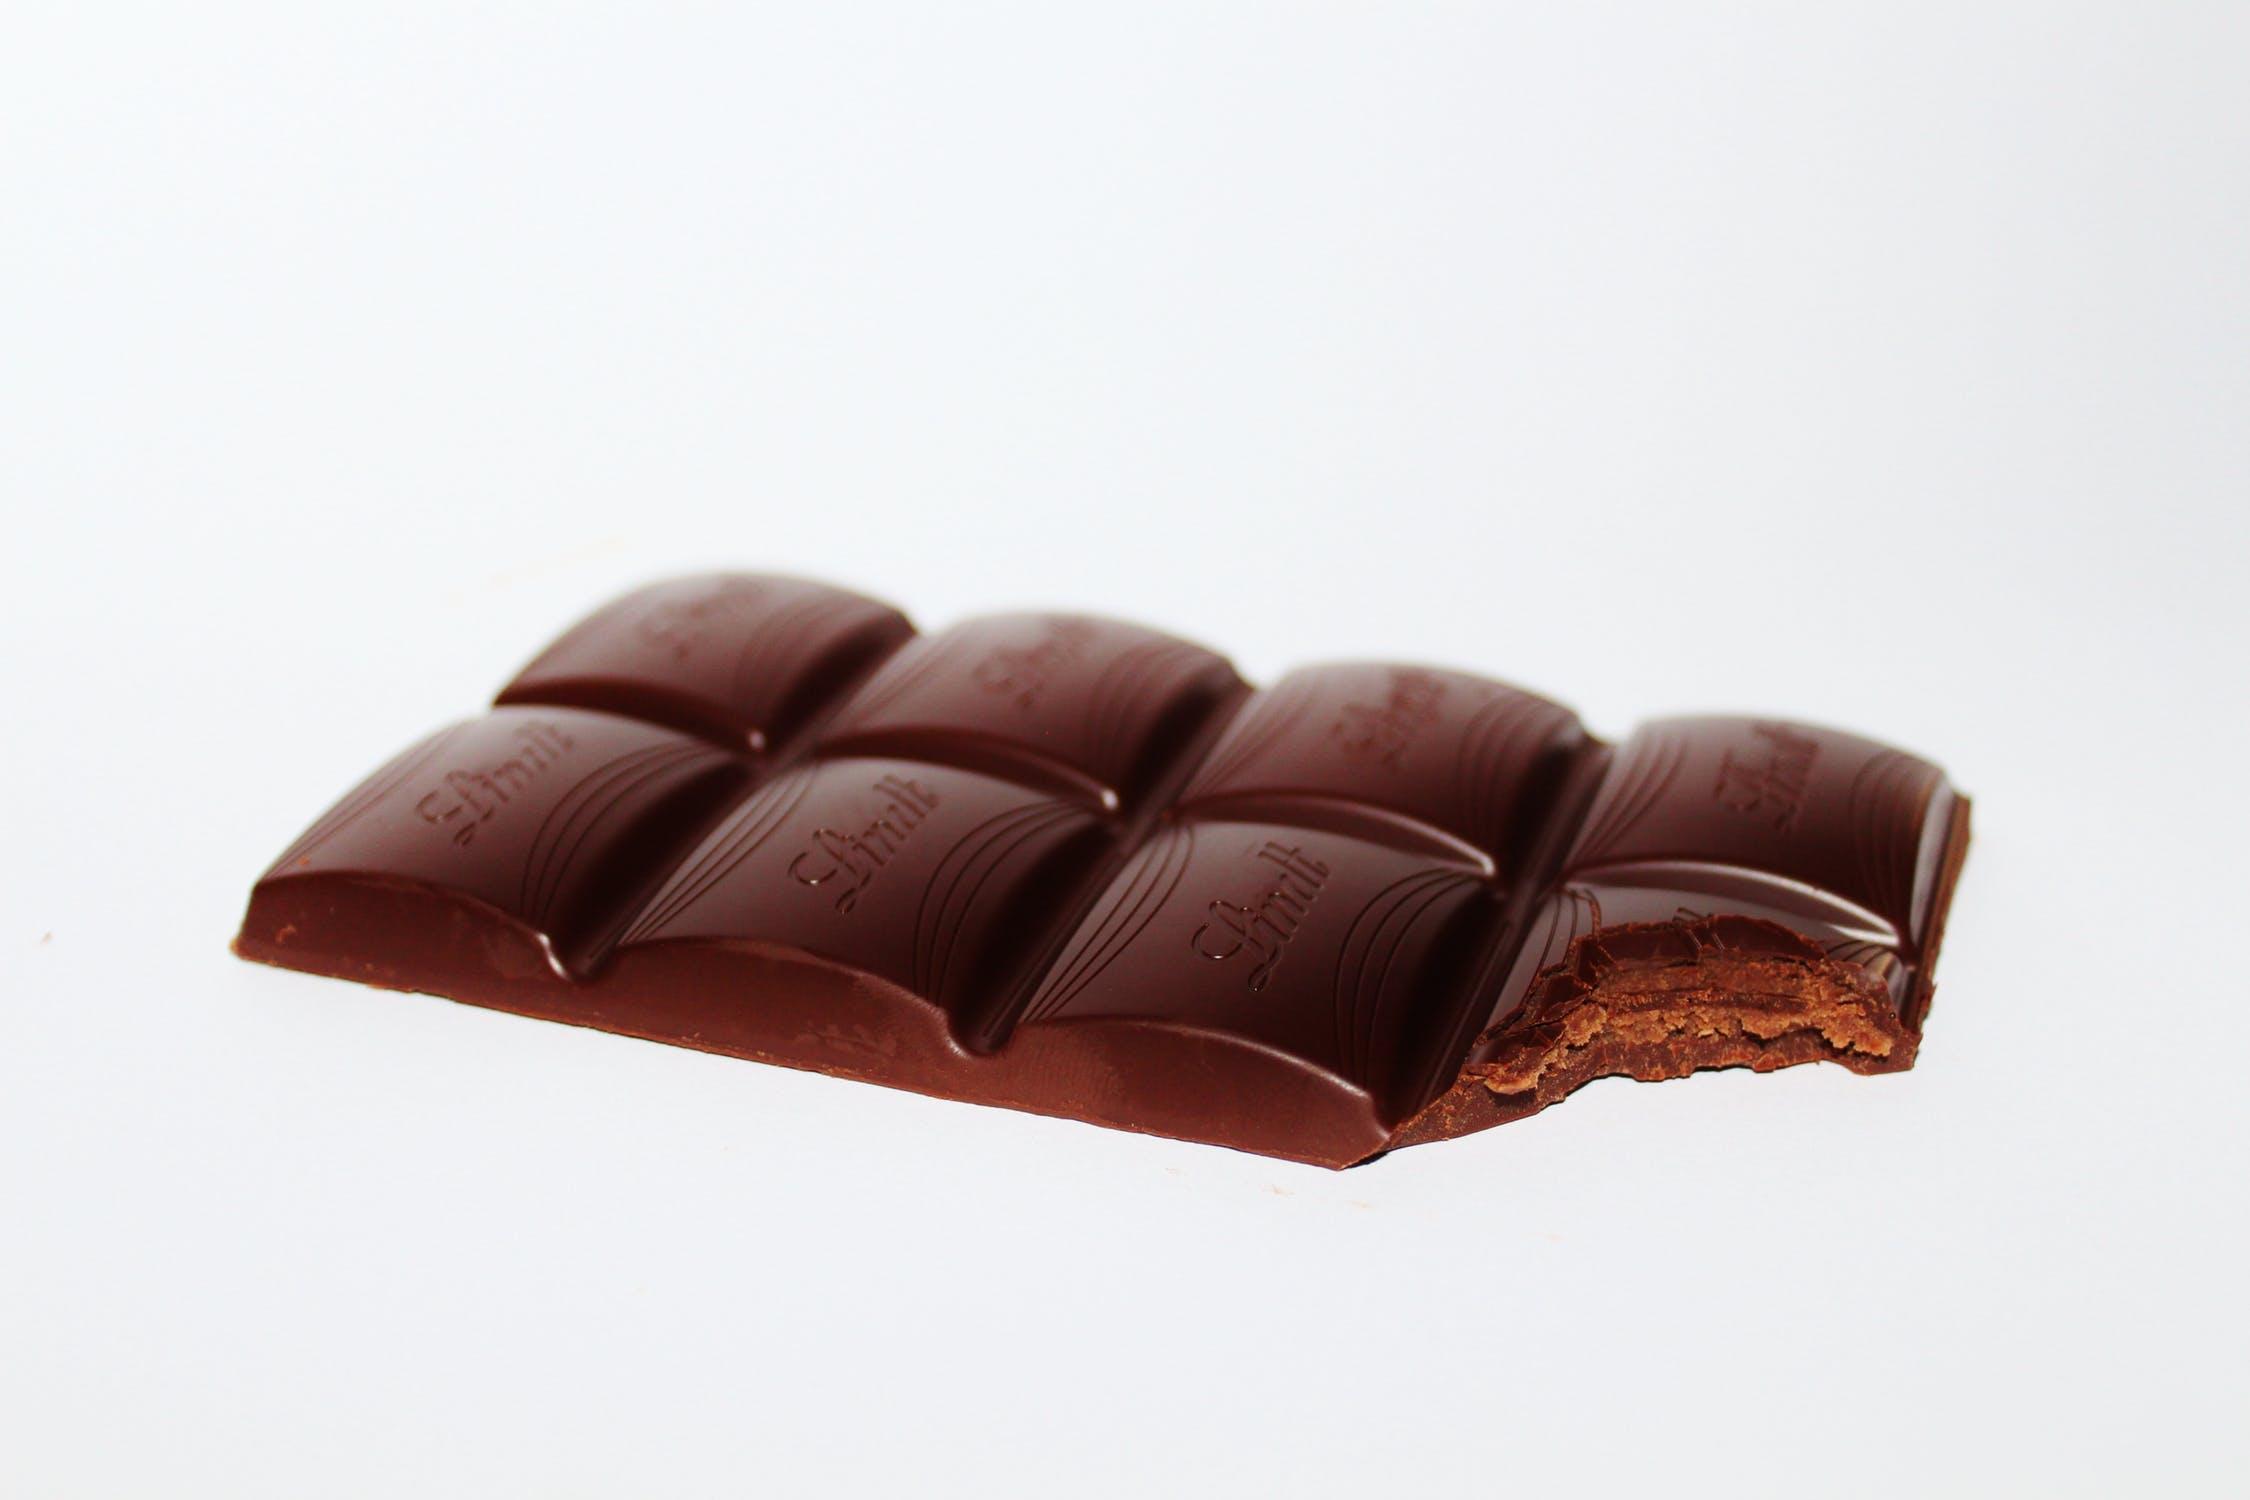 Tii ciocolata in frigider? Iata de ce nu trebuie sa faci acest lucru